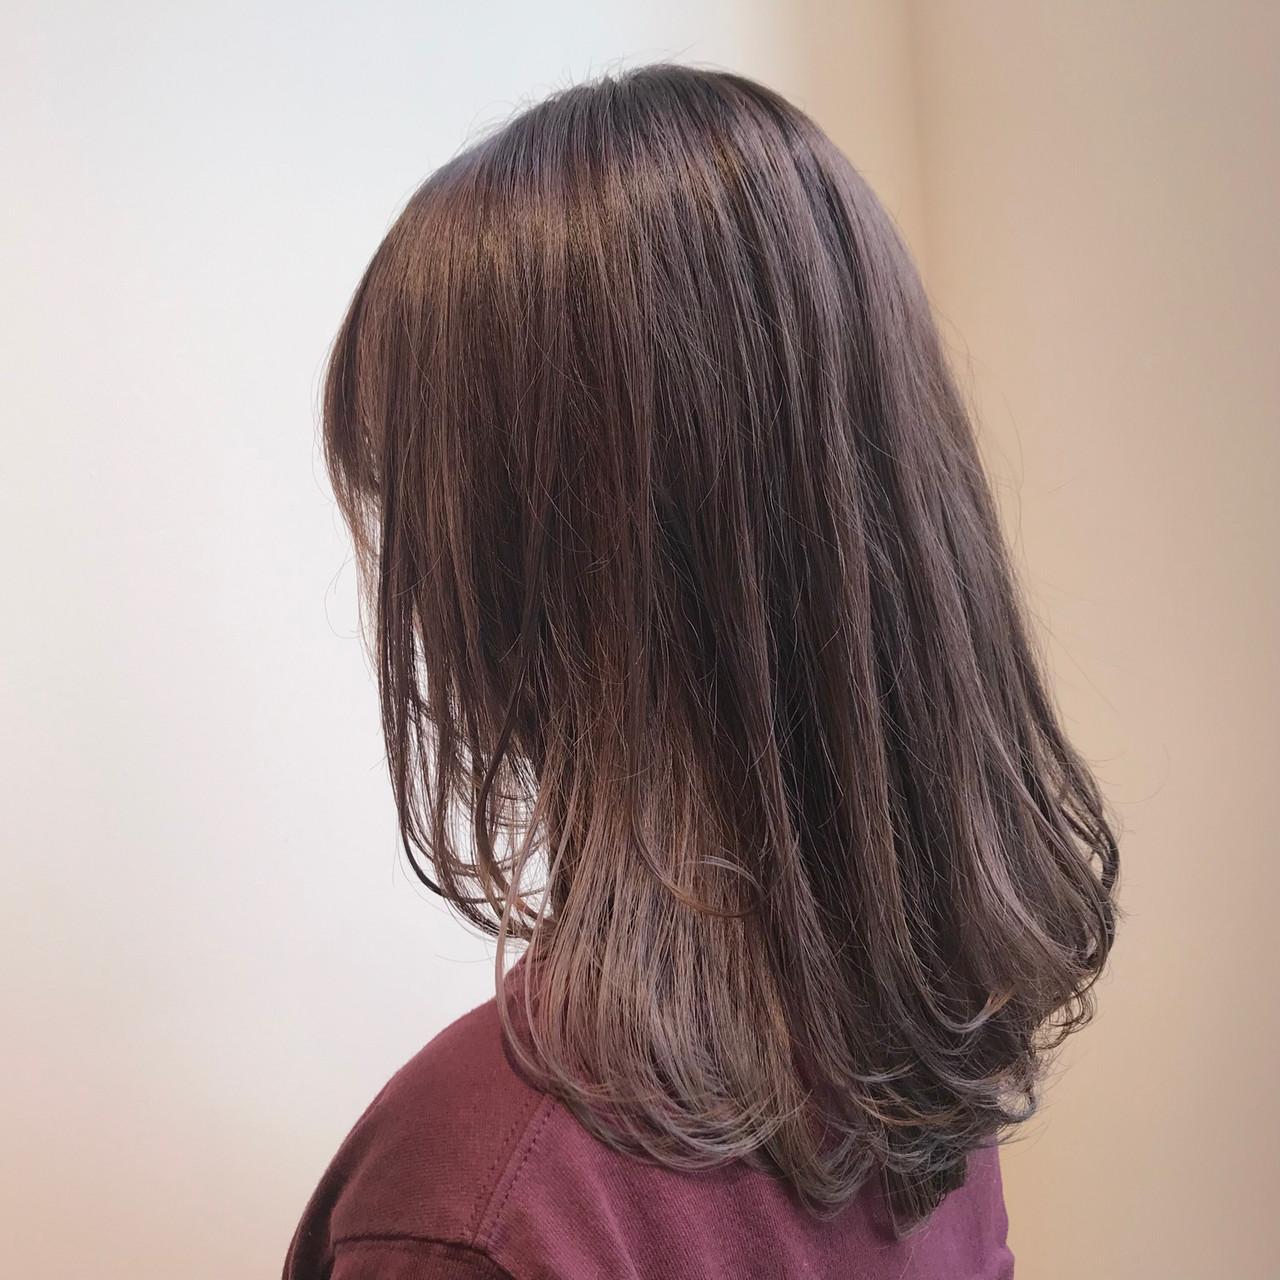 ブリーチなし セミロング ラベージュ ラベンダーアッシュ ヘアスタイルや髪型の写真・画像 | 村西 郁人 / rue